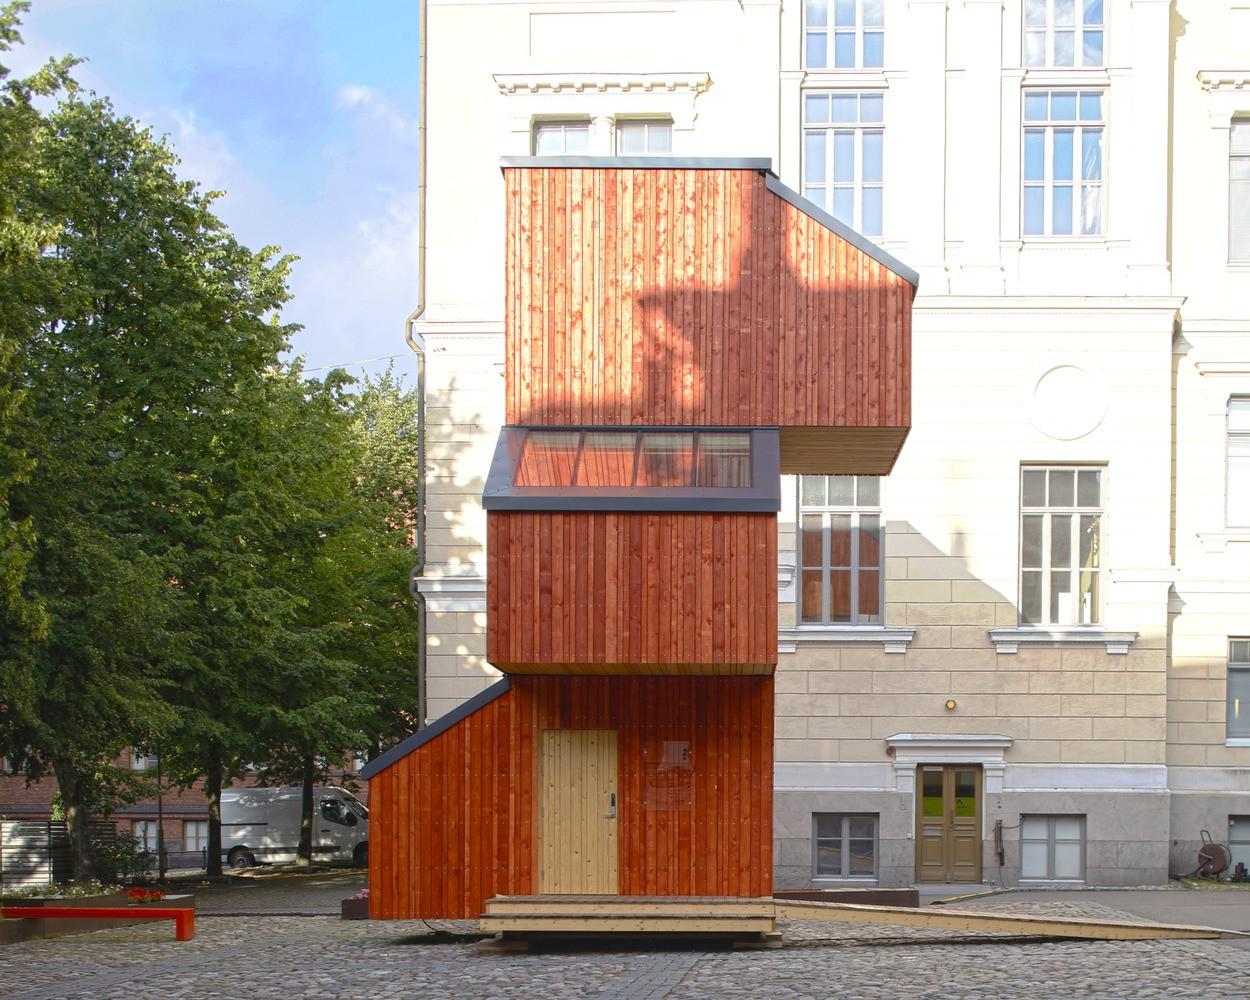 Vista general de la casa de madera